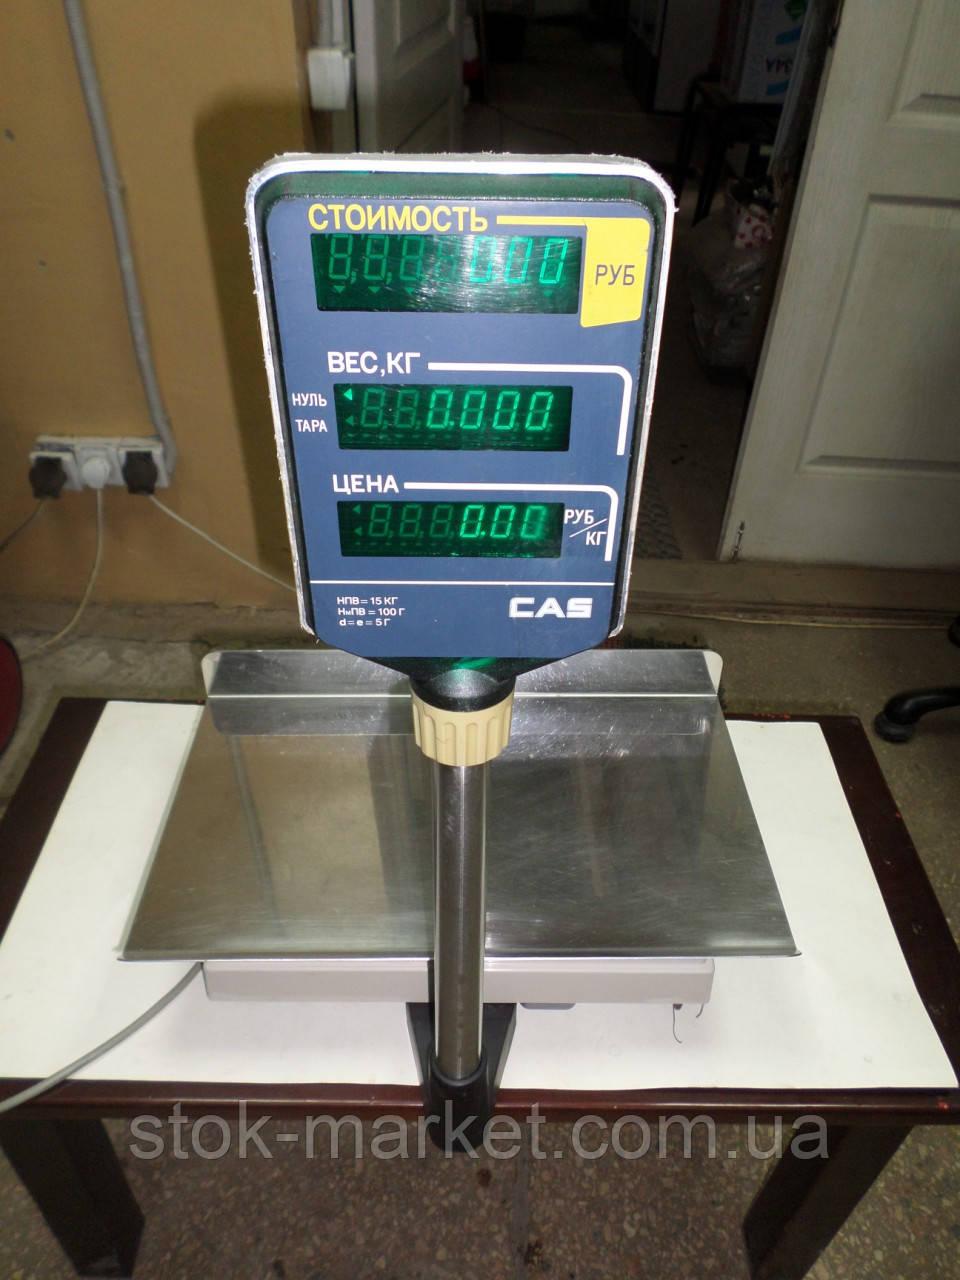 Торговые весы б/у, весы электронные CAS AP-15M до 15 кг, весы на 15 кг, настольные электронные торговые весы.